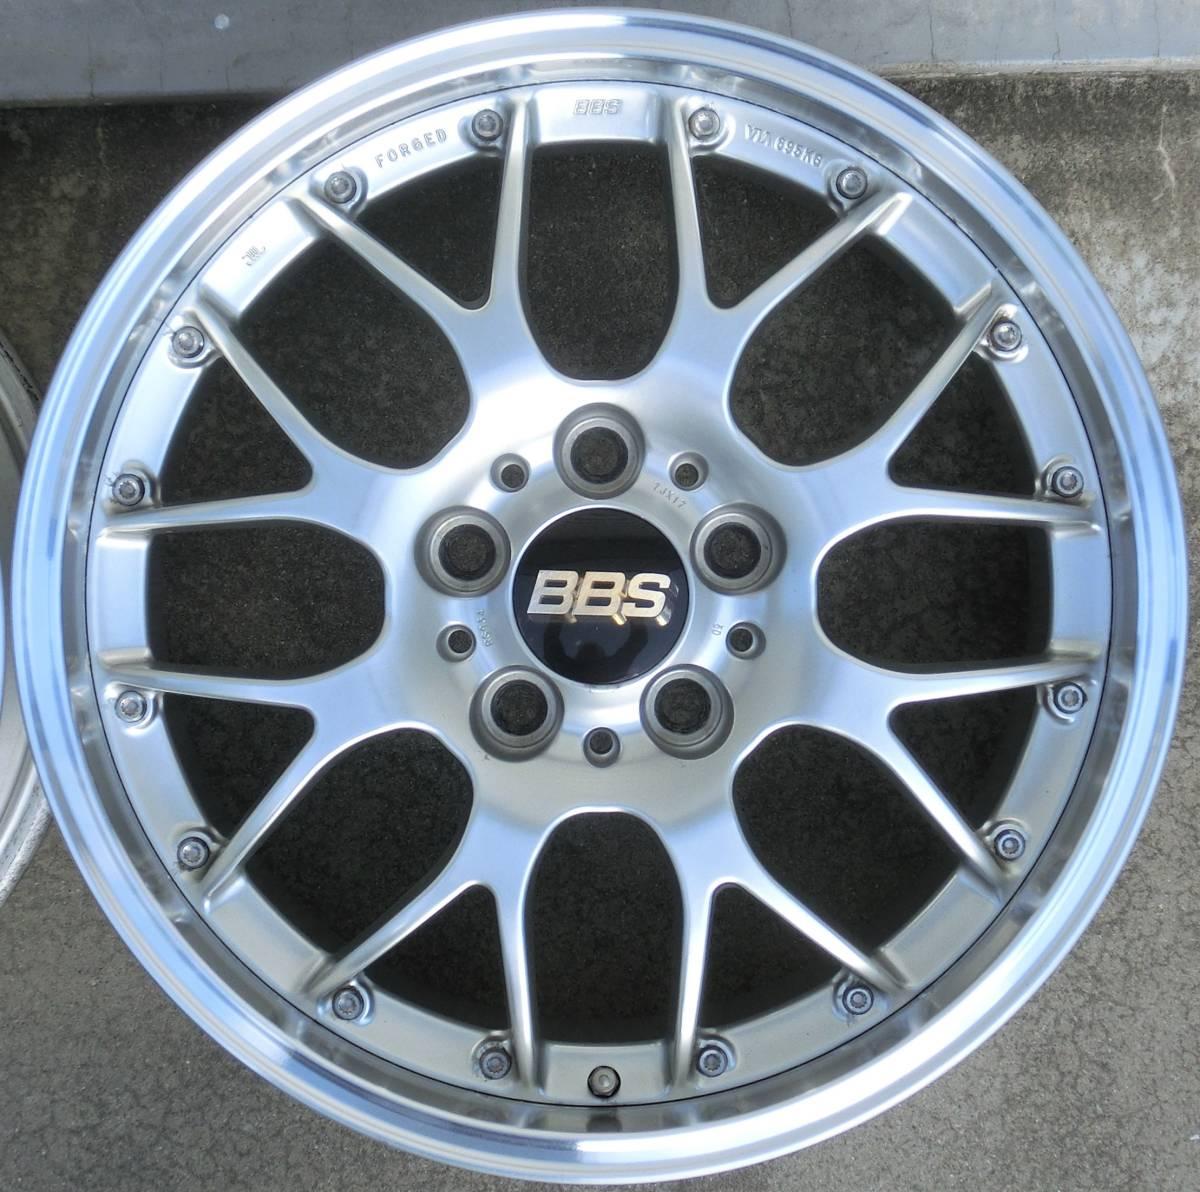 BBS RS-GT 17x7.0J+50 114.3 5H RS934 ノア ボクシー C-HR ステップワゴン オデッセイ セレナ CX-5 CX-3 CR-Z アクセラRG-R RFレイズCE28N_画像5